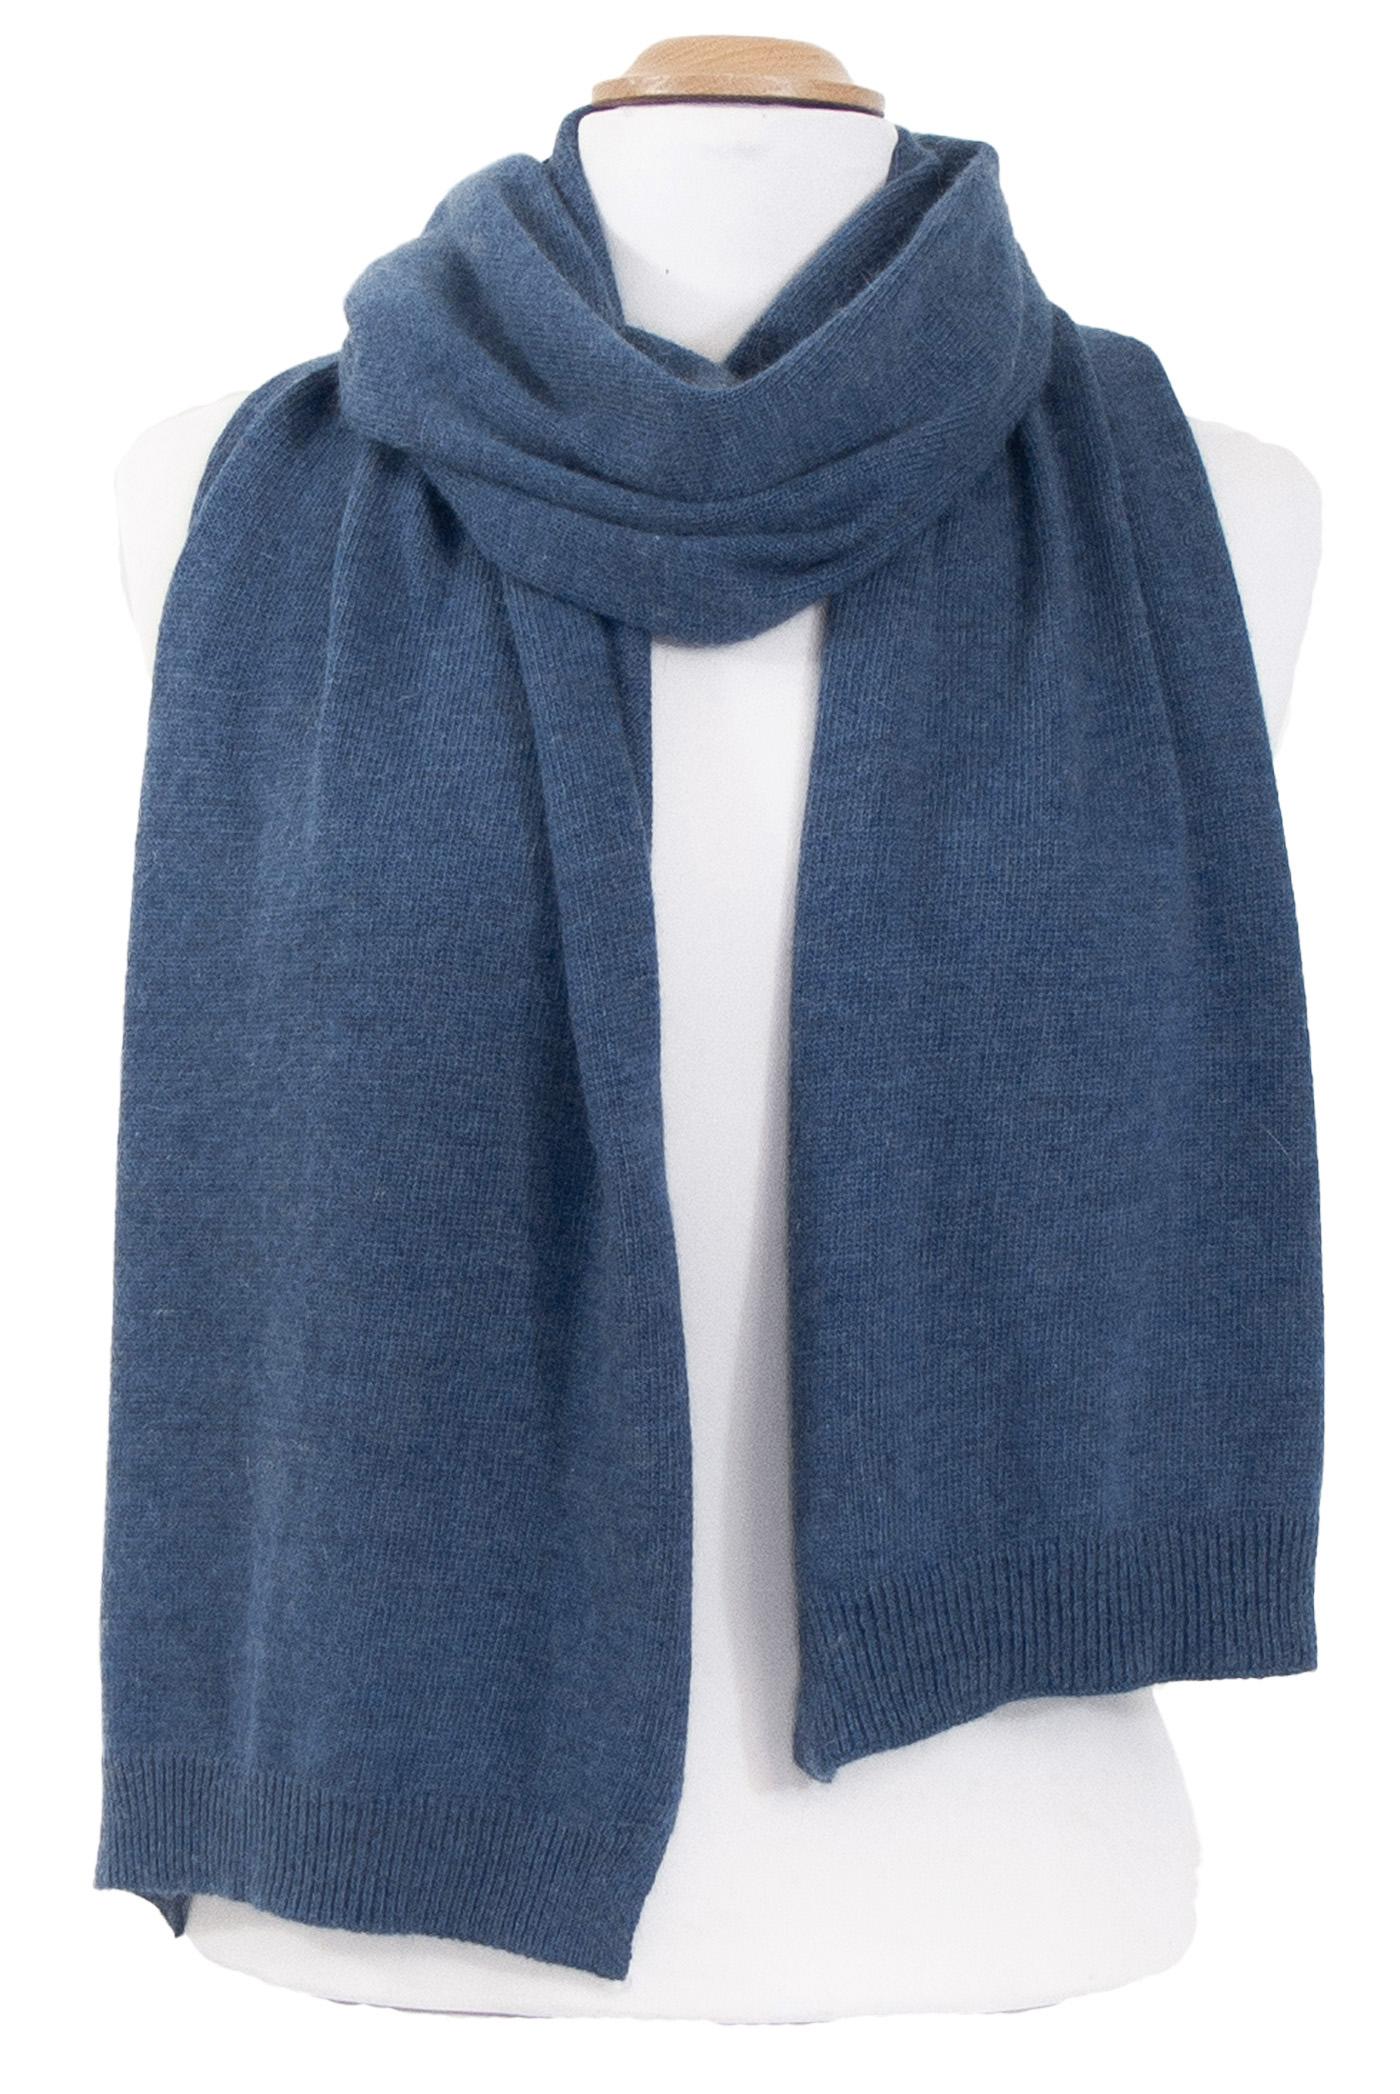 Echarpe maille cachemire viscose bleu gris Andréa